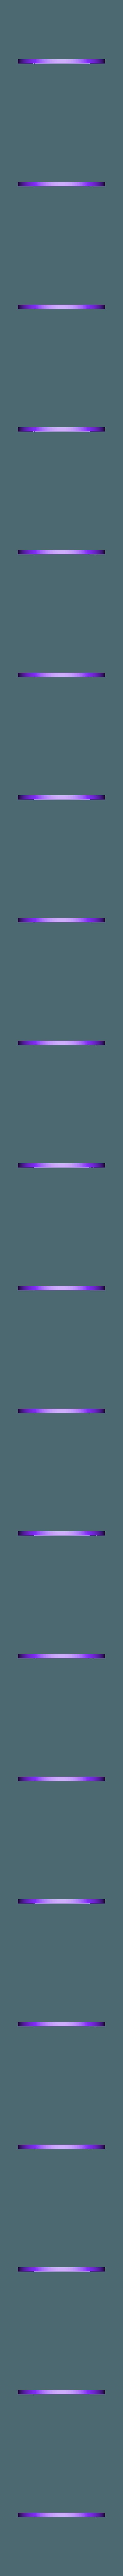 sorting__hat_body.STL Télécharger fichier STL gratuit Sous-verres multicolores Harry Potter • Design pour impression 3D, MosaicManufacturing